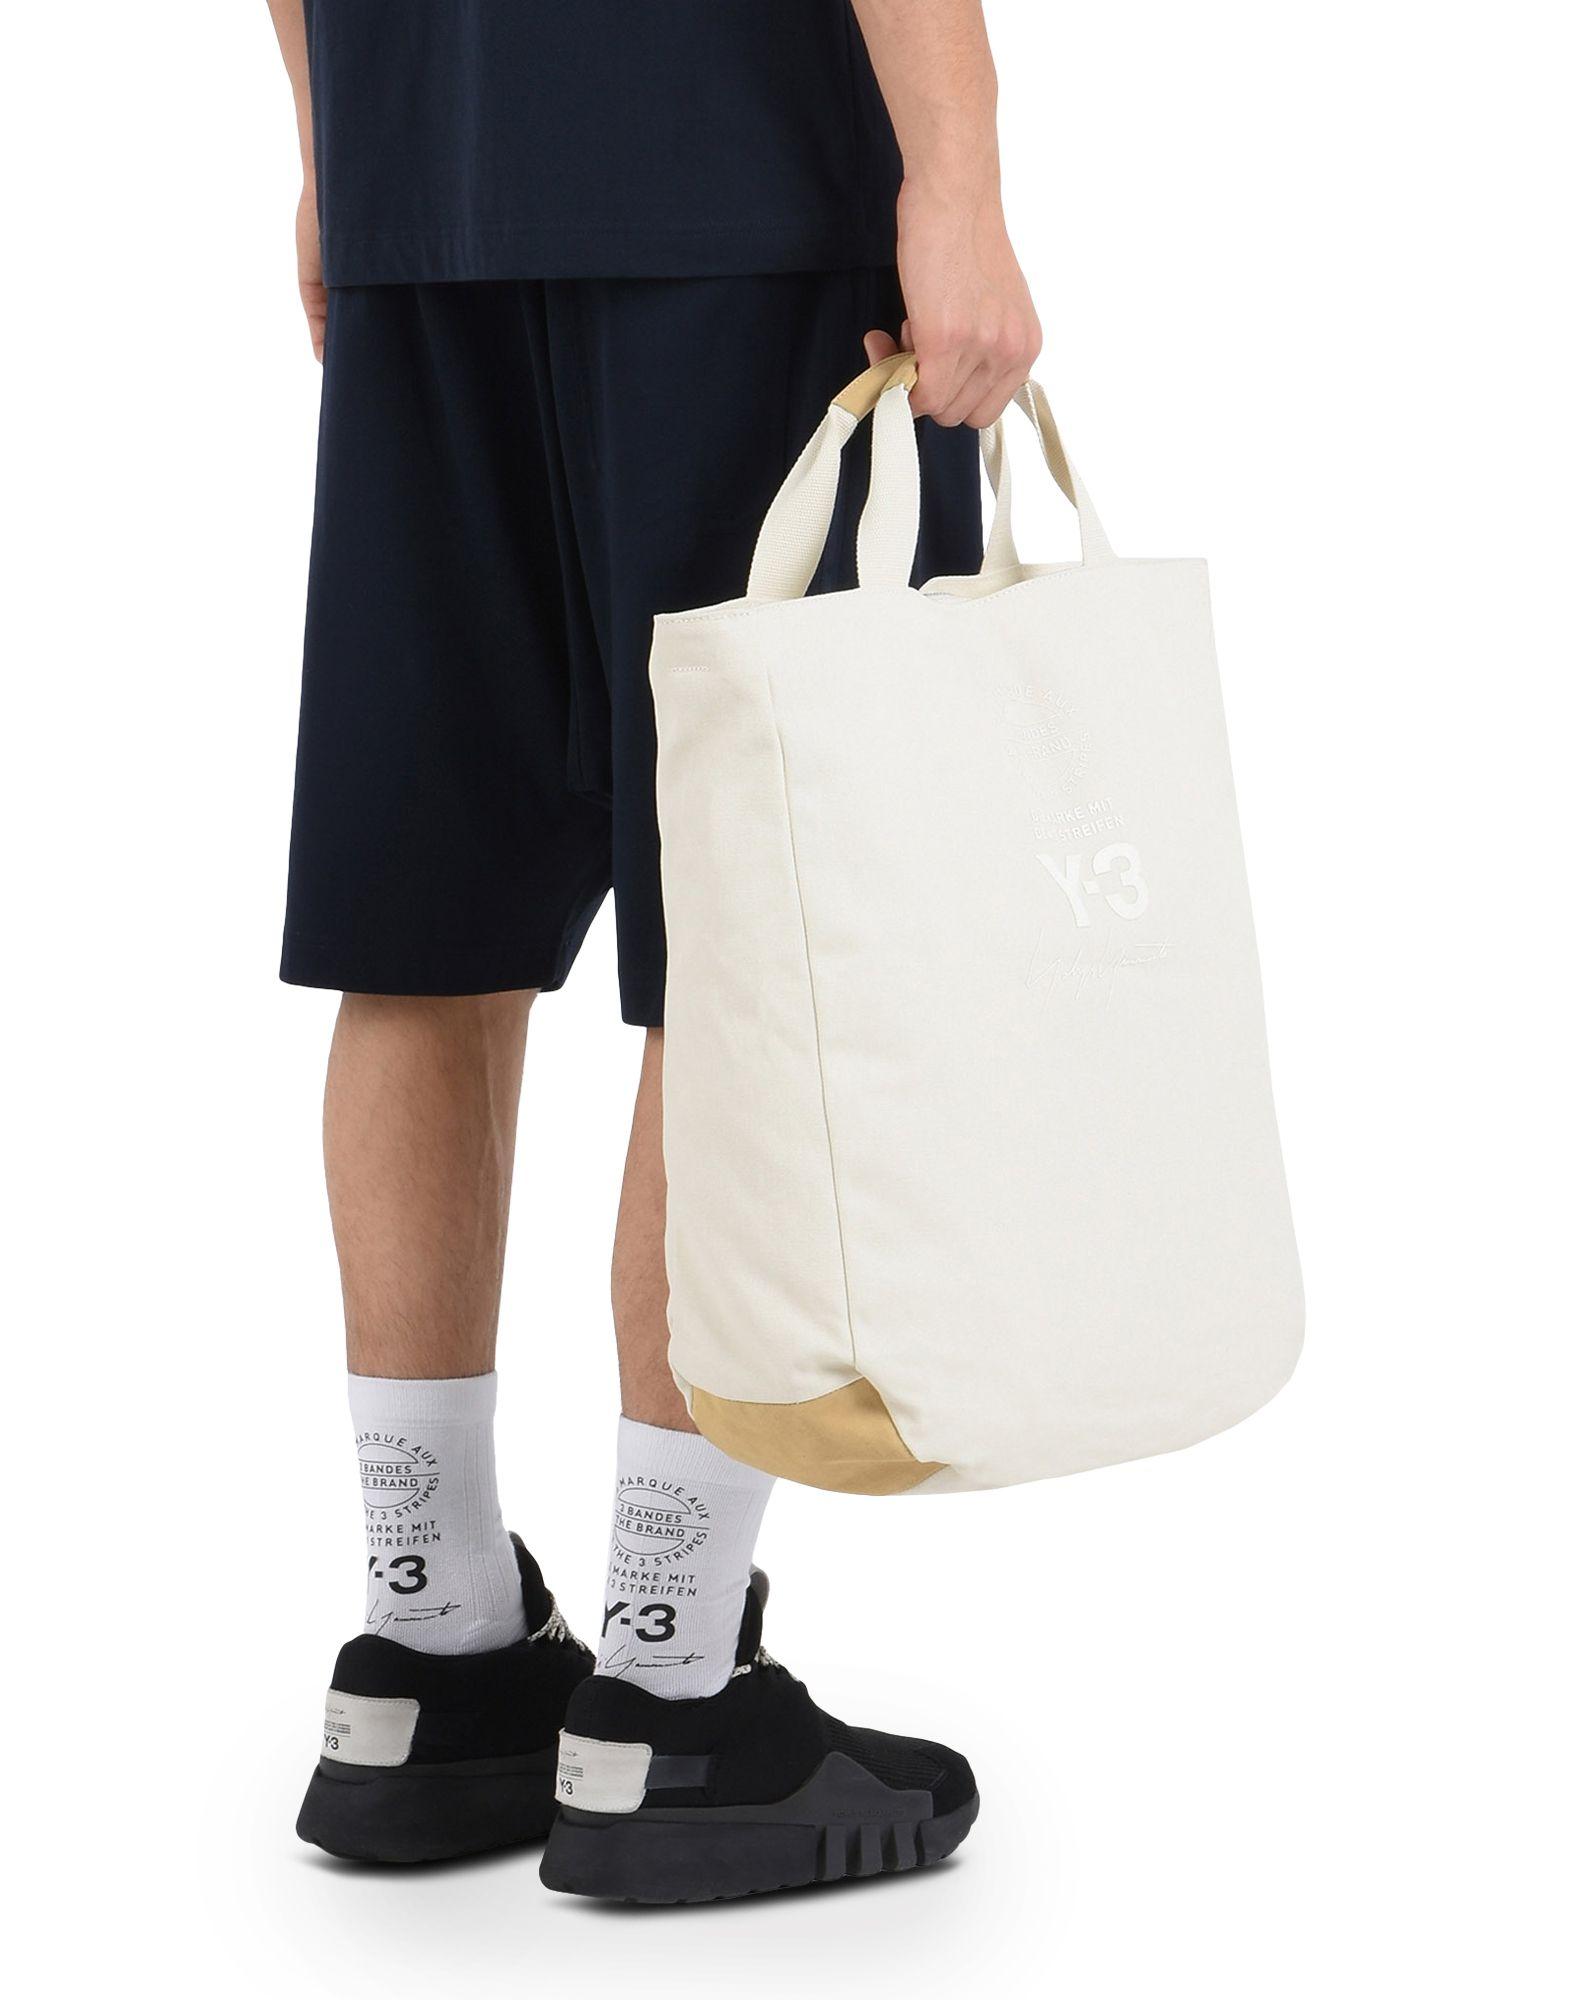 Y-3 Y-3 TOTE BAG Medium fabric bag E r